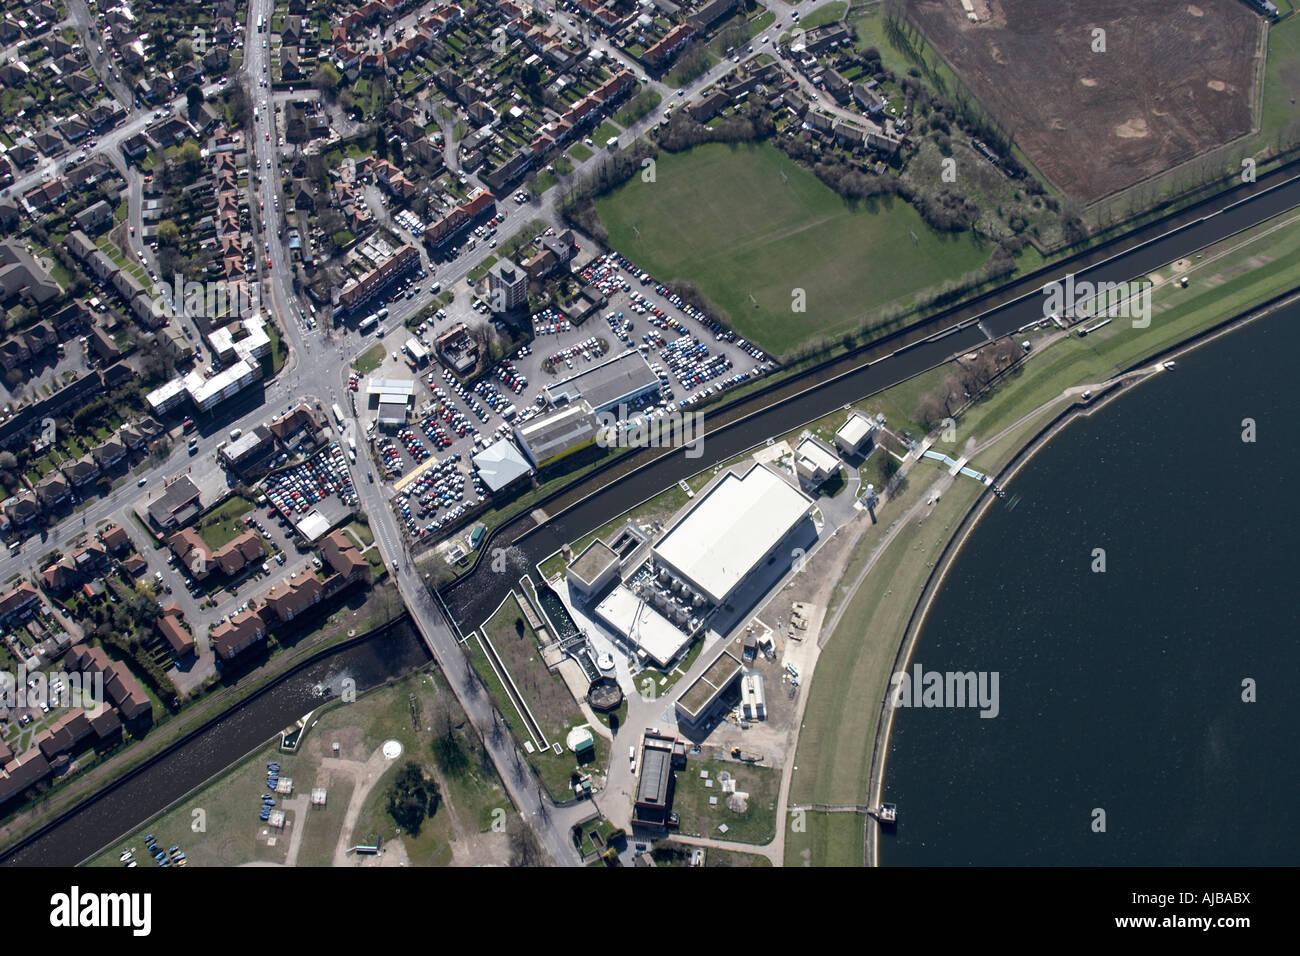 Luftbild südöstlich von William Girling Reservoir Spielfeld und s Gehäuse Chingford London E4 England Stockbild